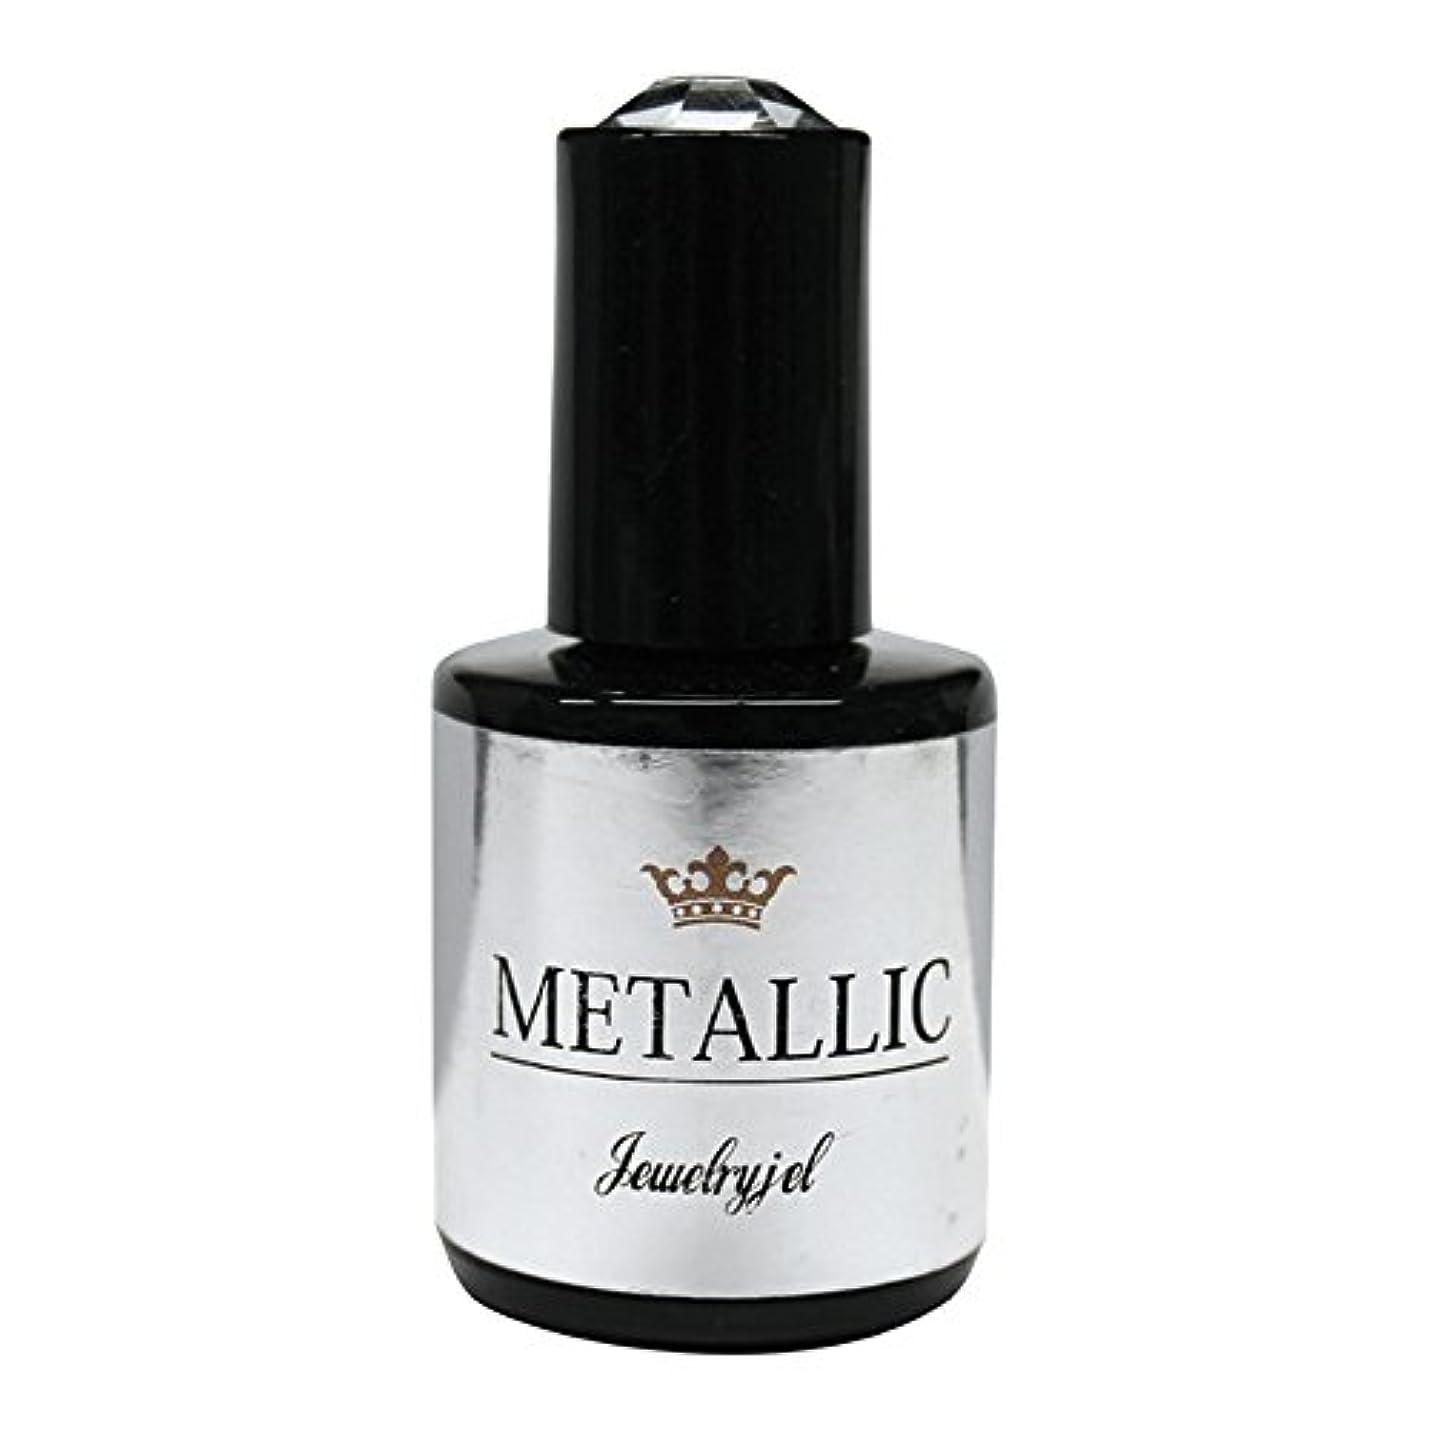 裏切り鉛筆余韻ジュエリージェル メタリックカラージェル MT020 5ml   UV/LED対応 カラージェル ソークオフジェル